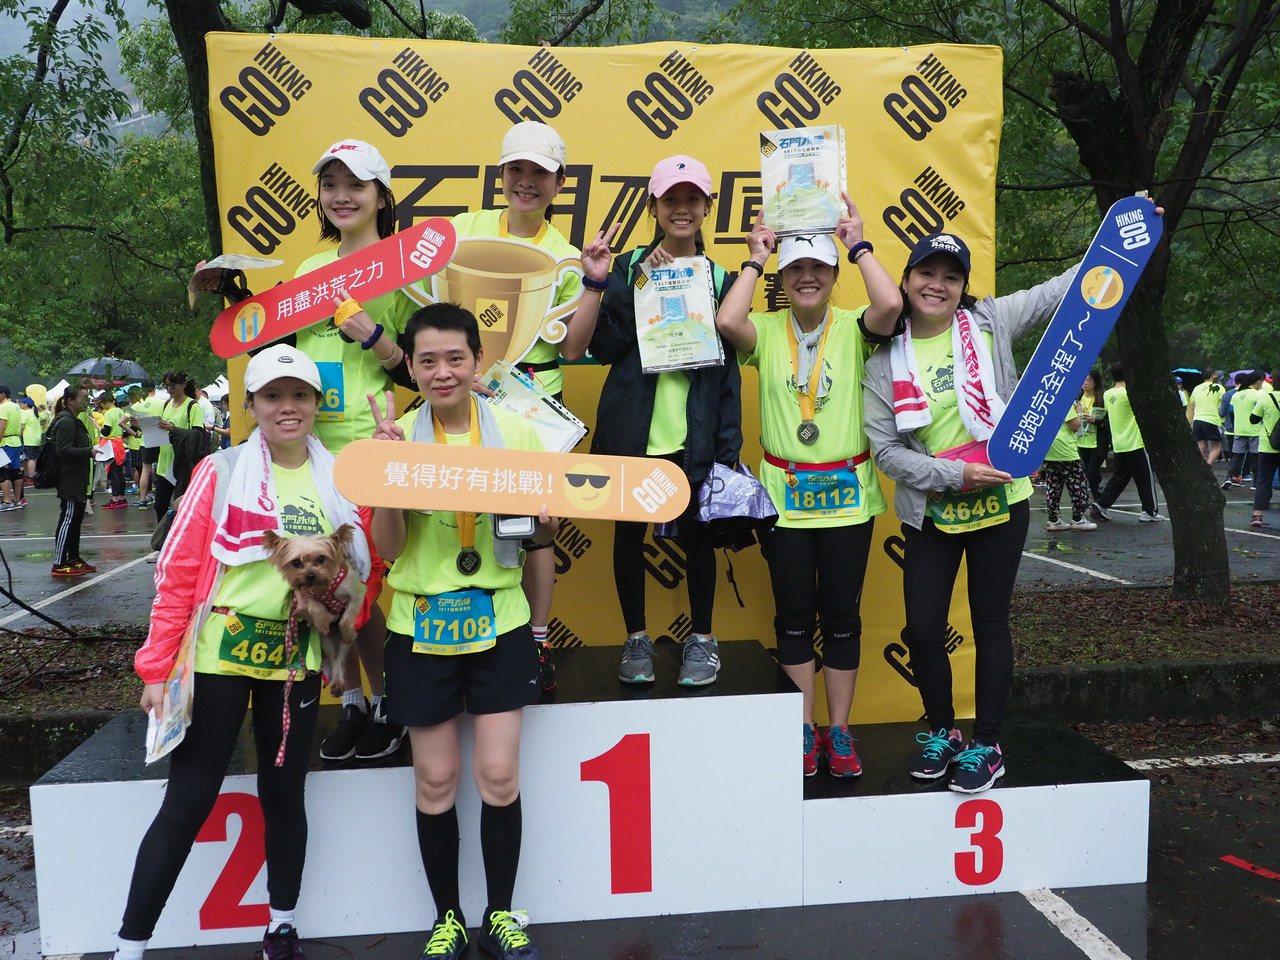 2017石門水庫國際路跑賽,吸引將近4500名民眾參加。圖/主辦單位提供